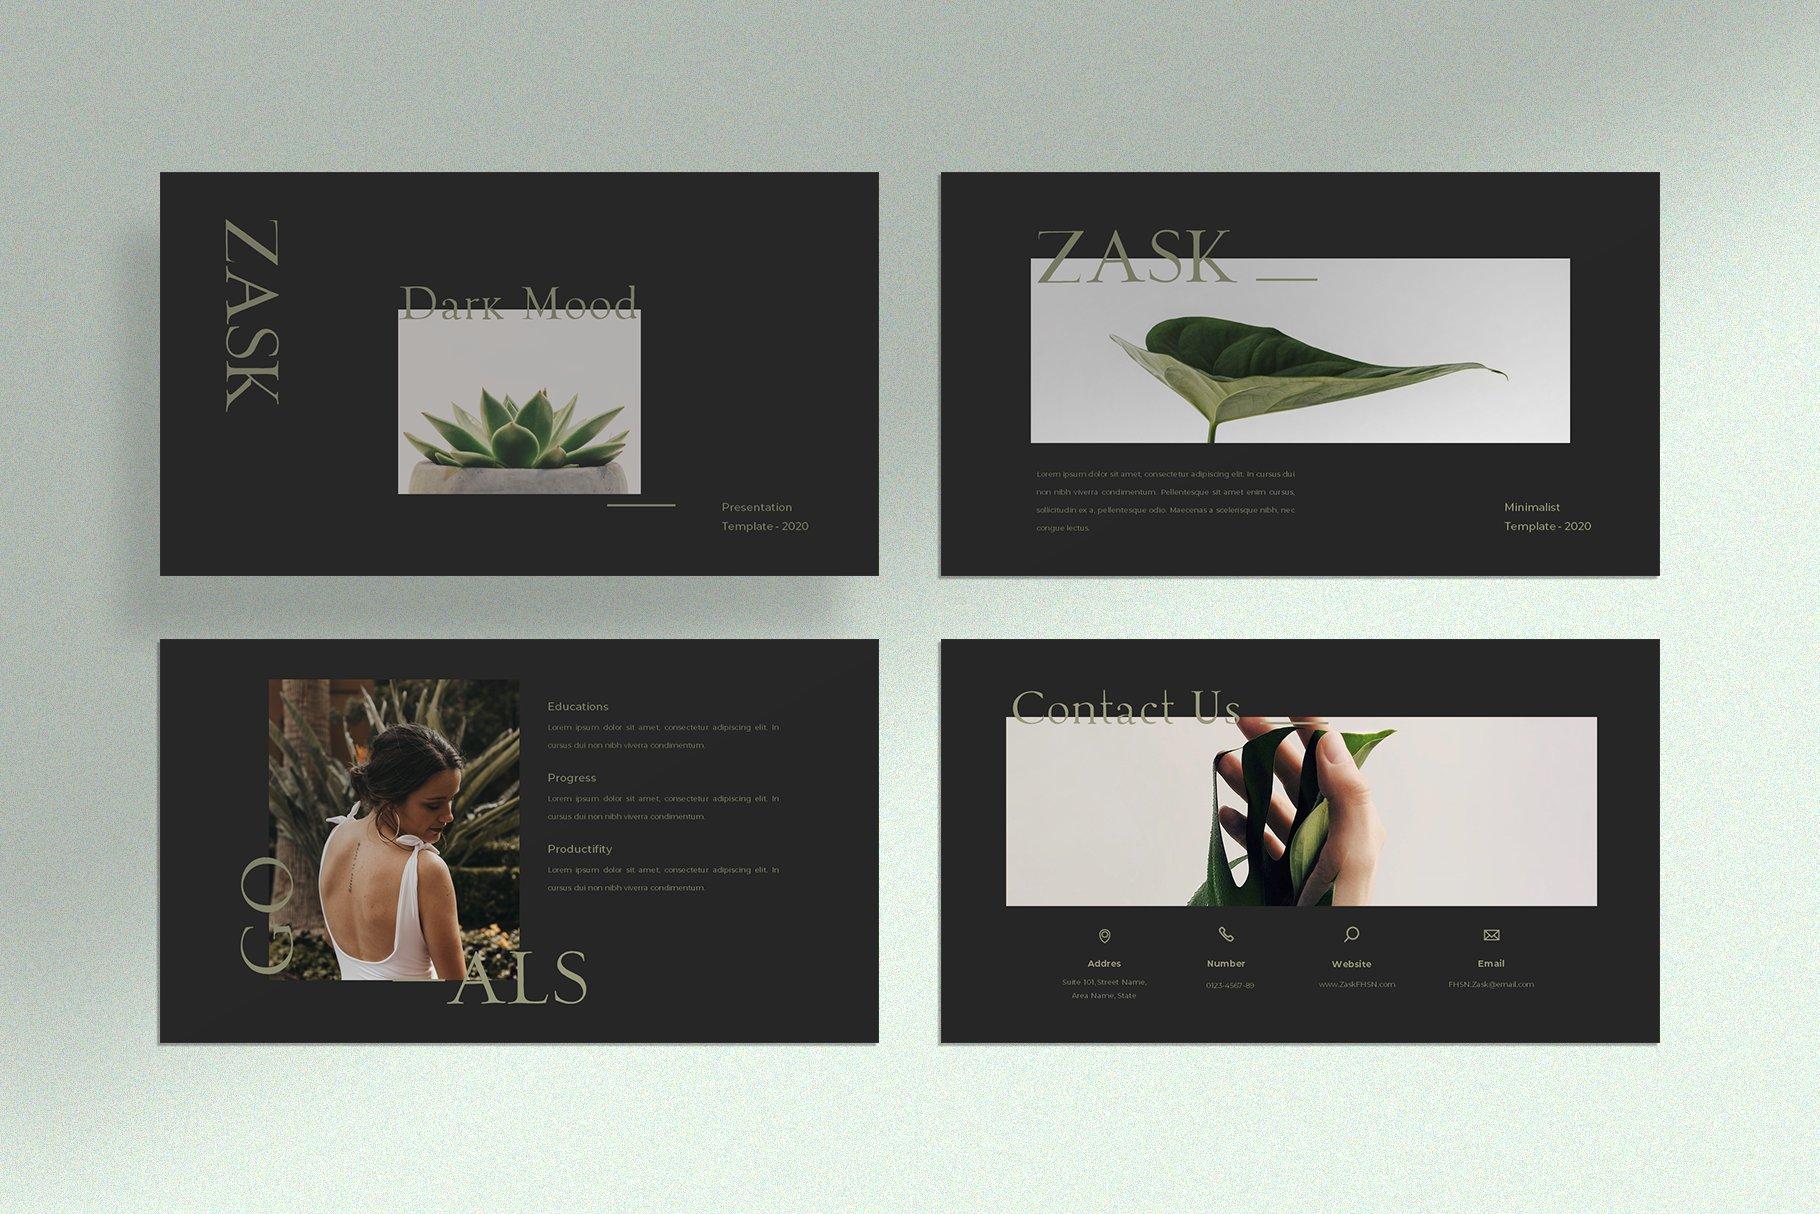 极简创意摄影作品集PPT幻灯片设计模板 Zask – Clean Presentation Template插图(7)